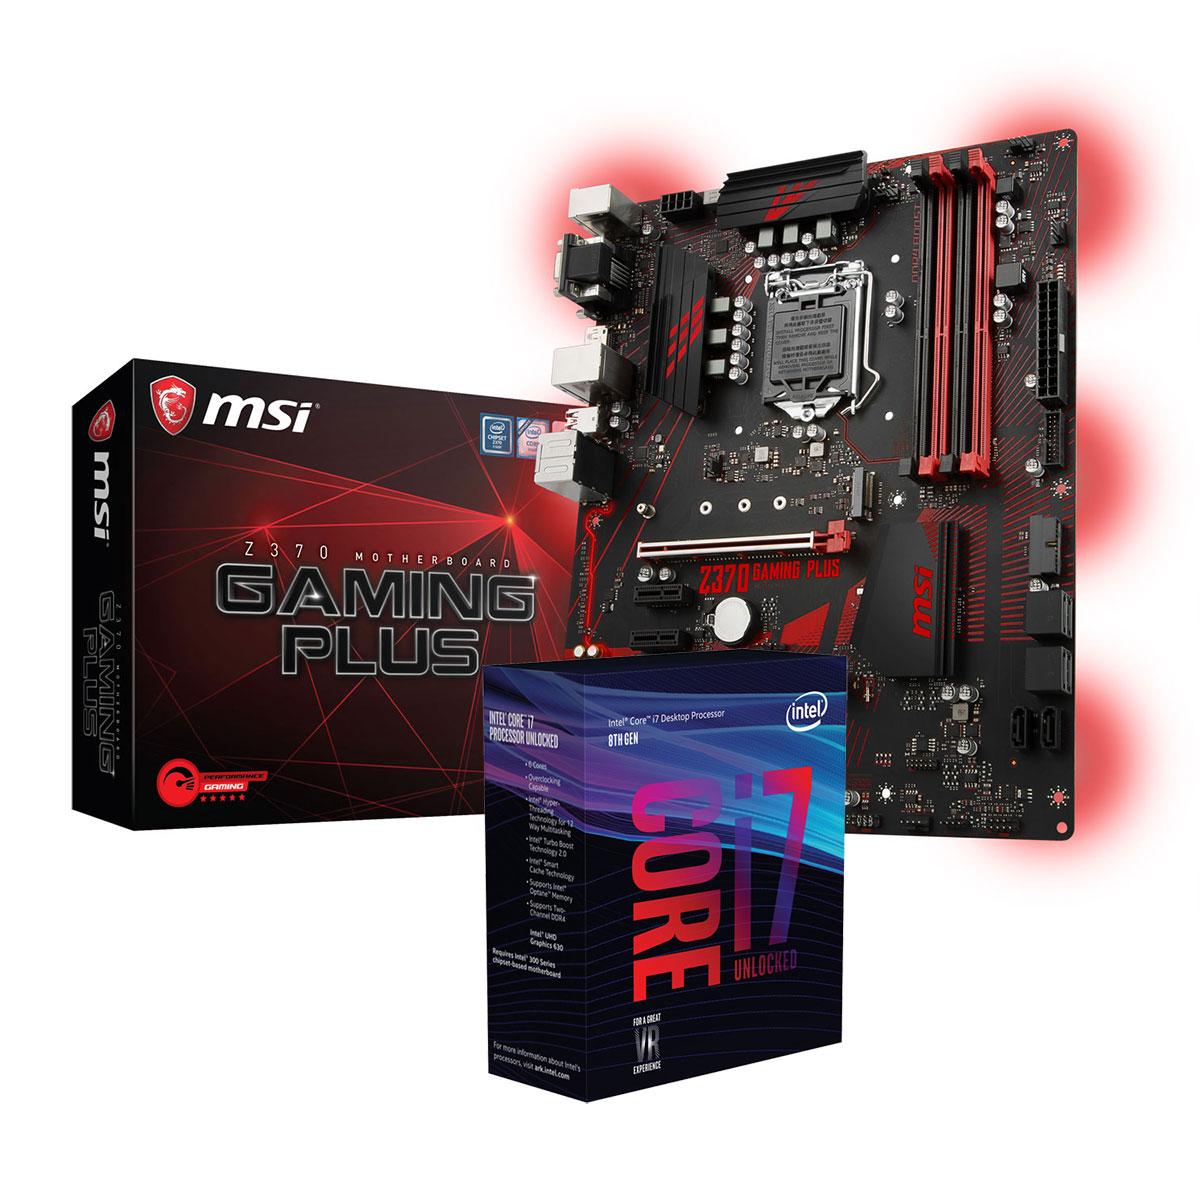 Carte mère MSI Z370 GAMING PLUS + Intel Core i7-8700K Carte mère ATX Socket 1151 Intel Z370 Express + Processeur 6-Core Intel Core i7-8700K (3.7 GHz)